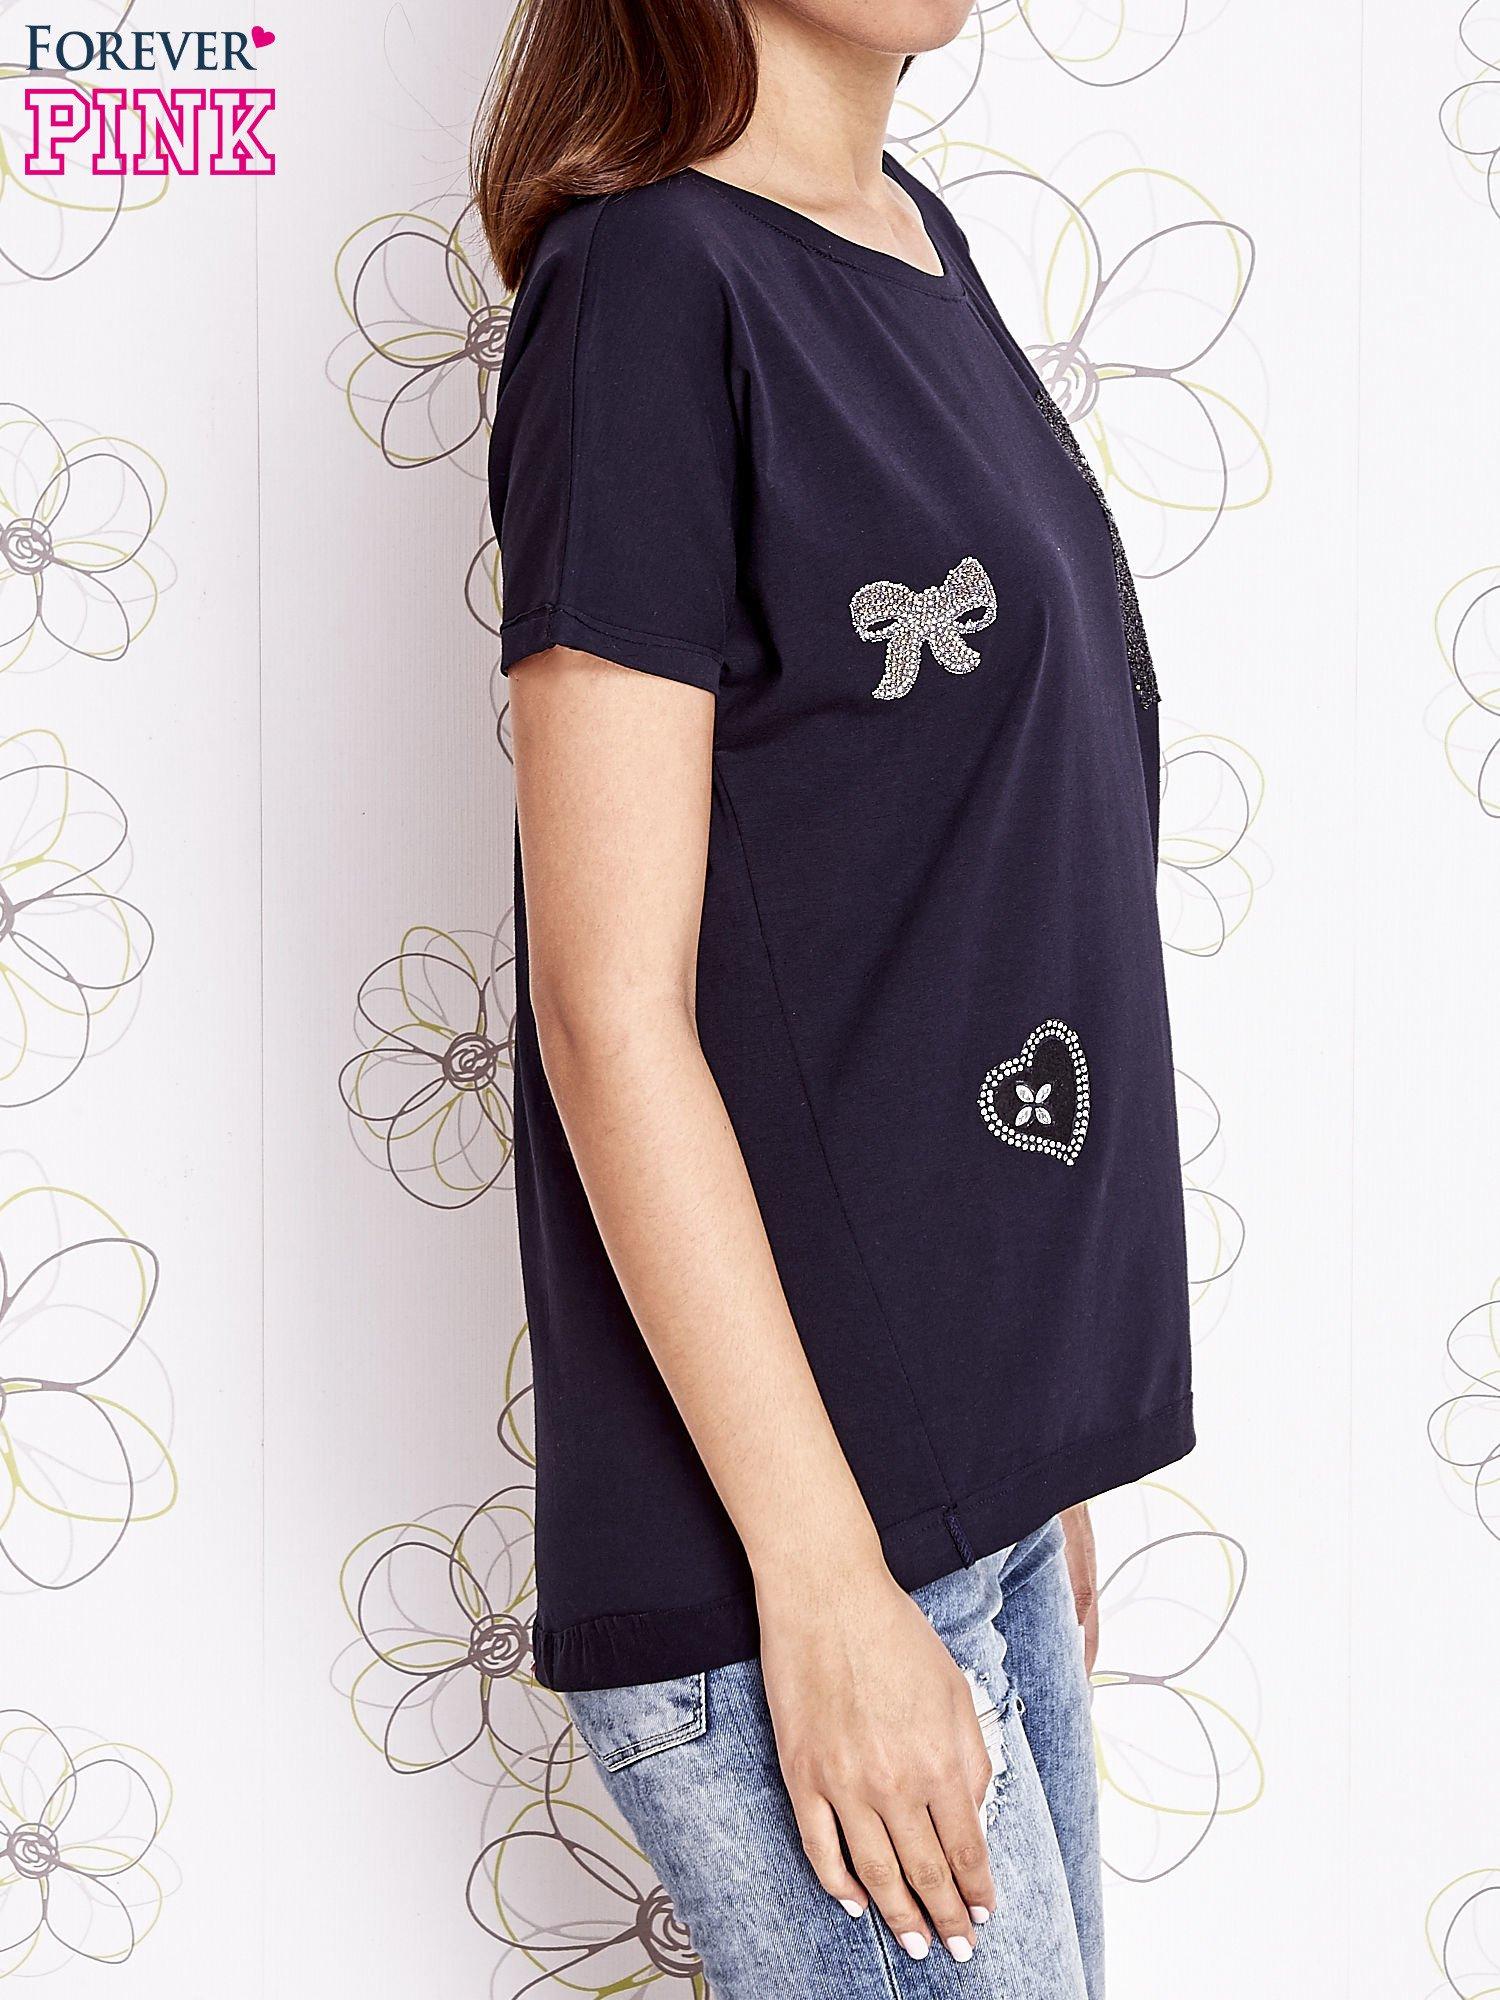 Granatowy t-shirt z motywem serca i kokardki                                  zdj.                                  4